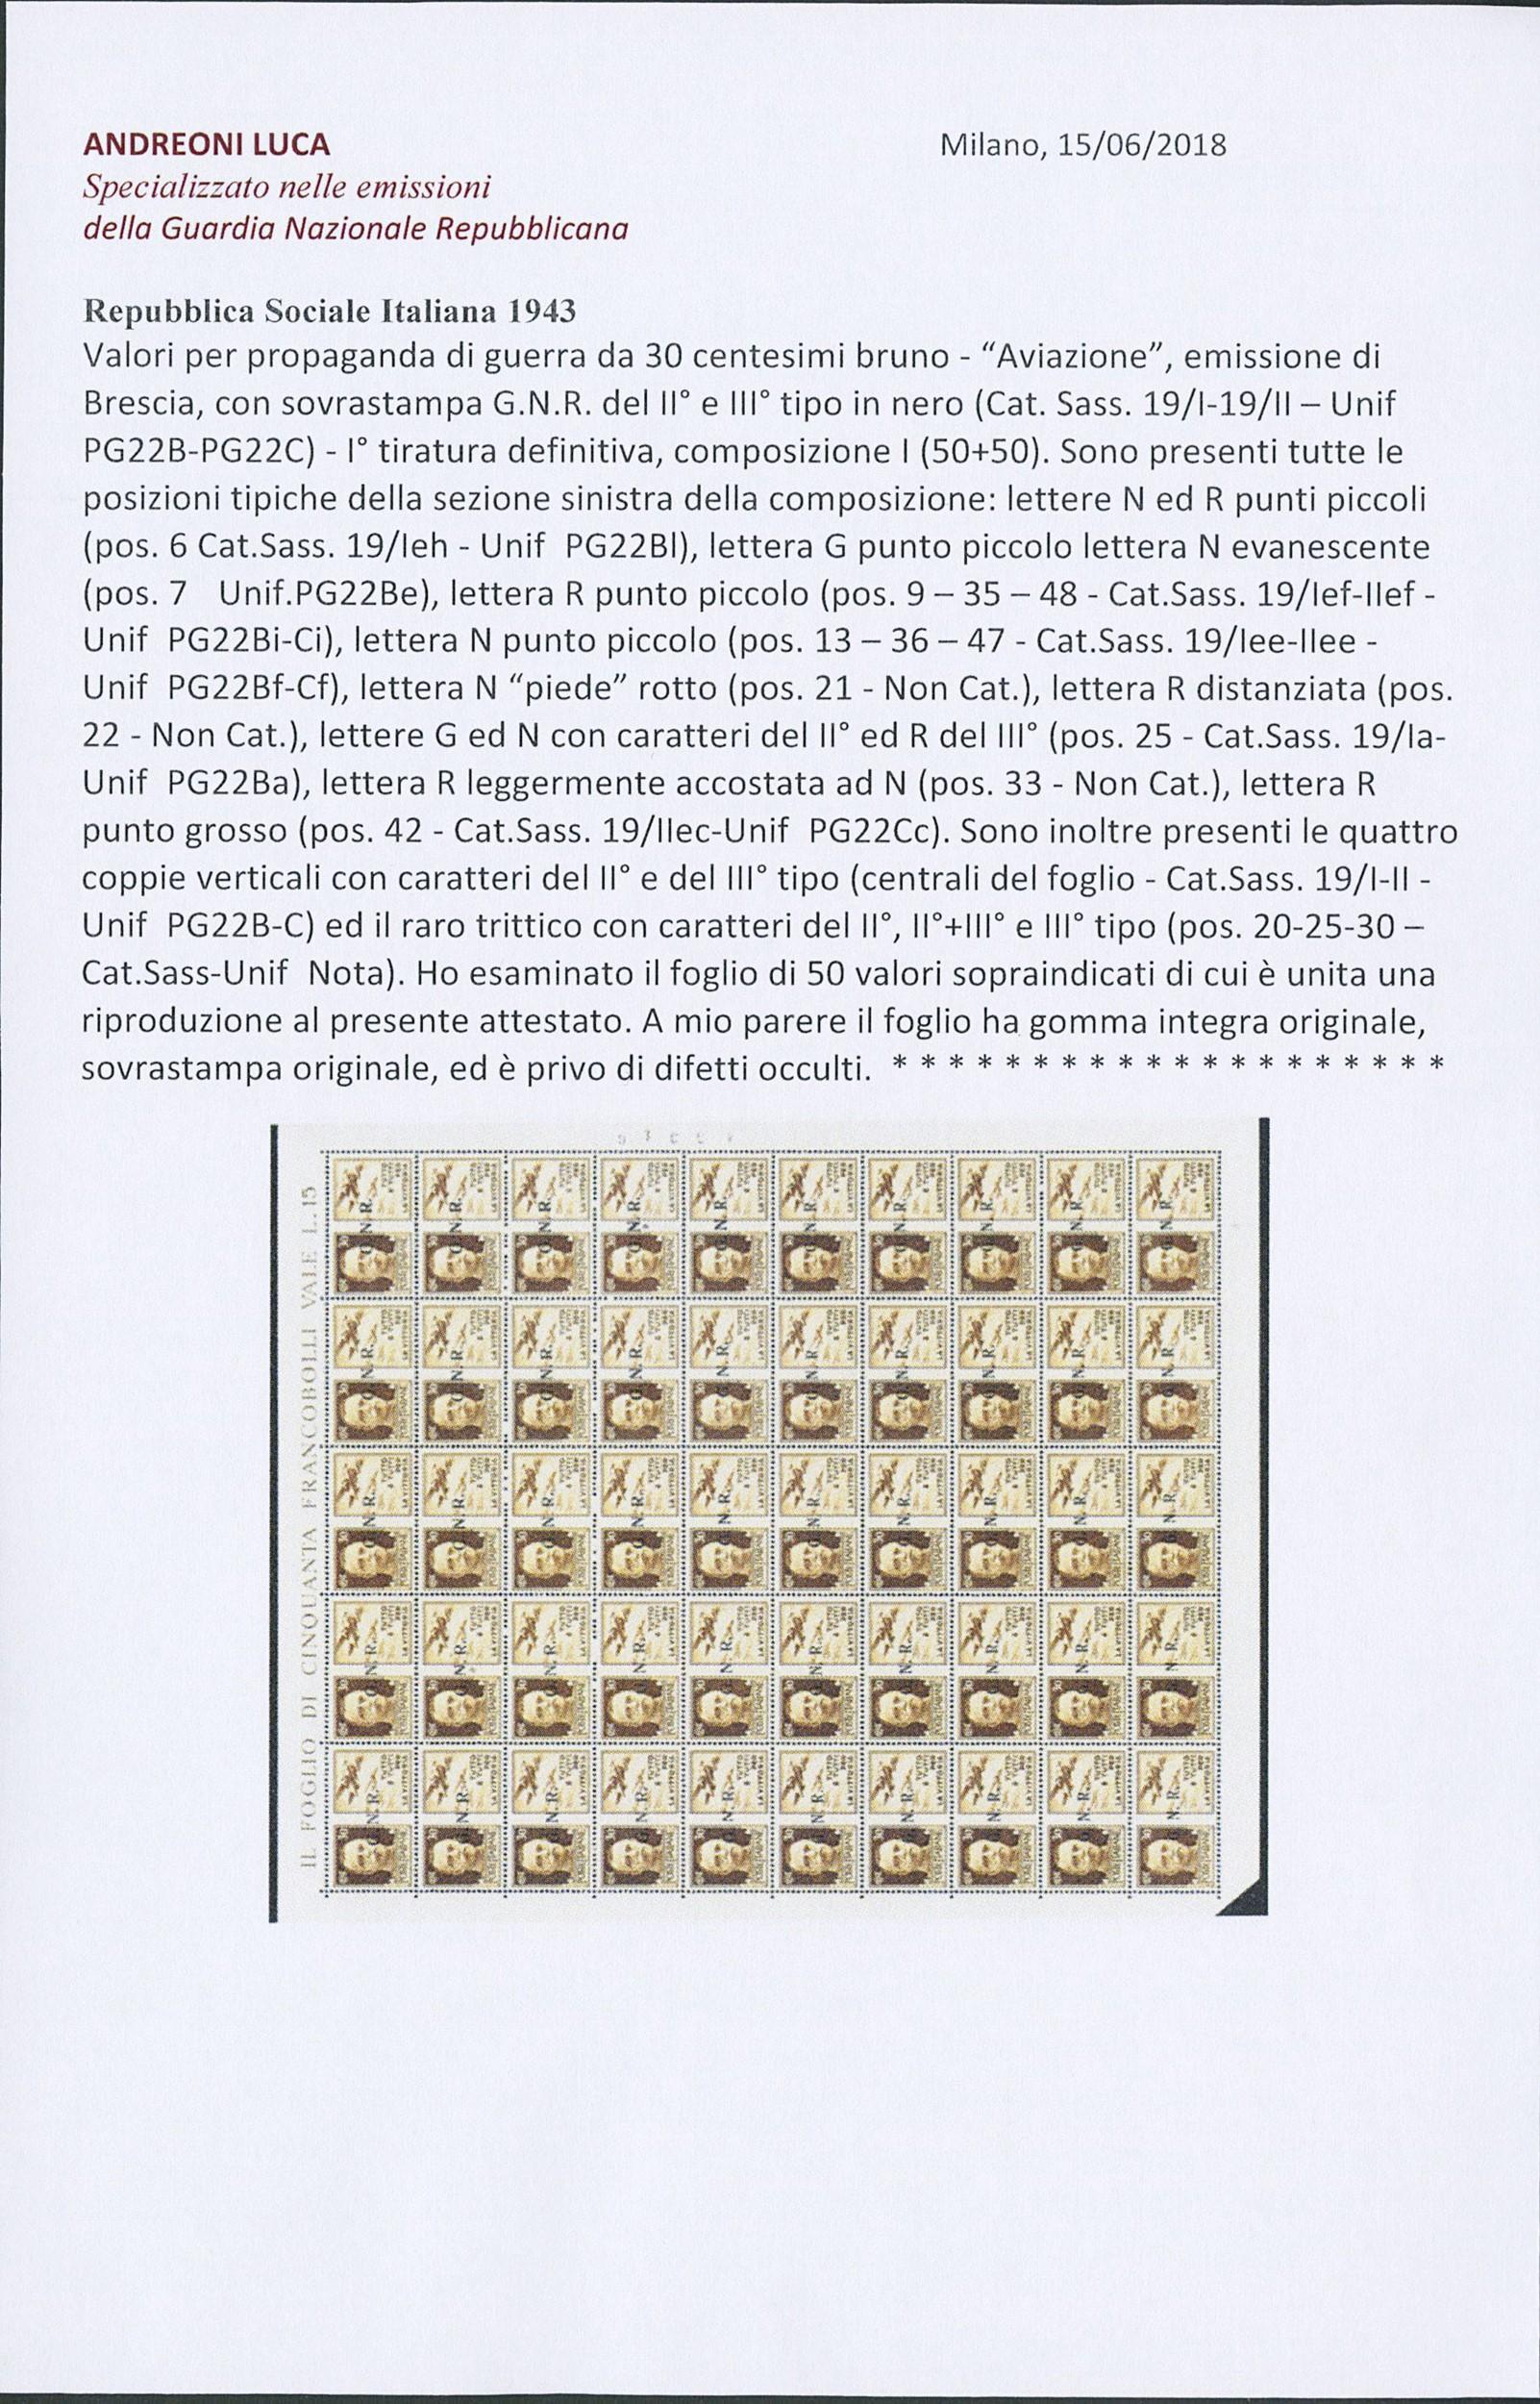 Lot 4067 - ITALIA RSI lotti e collezioni -  Zanaria Aste s.r.l. 9th Philatelic Auction